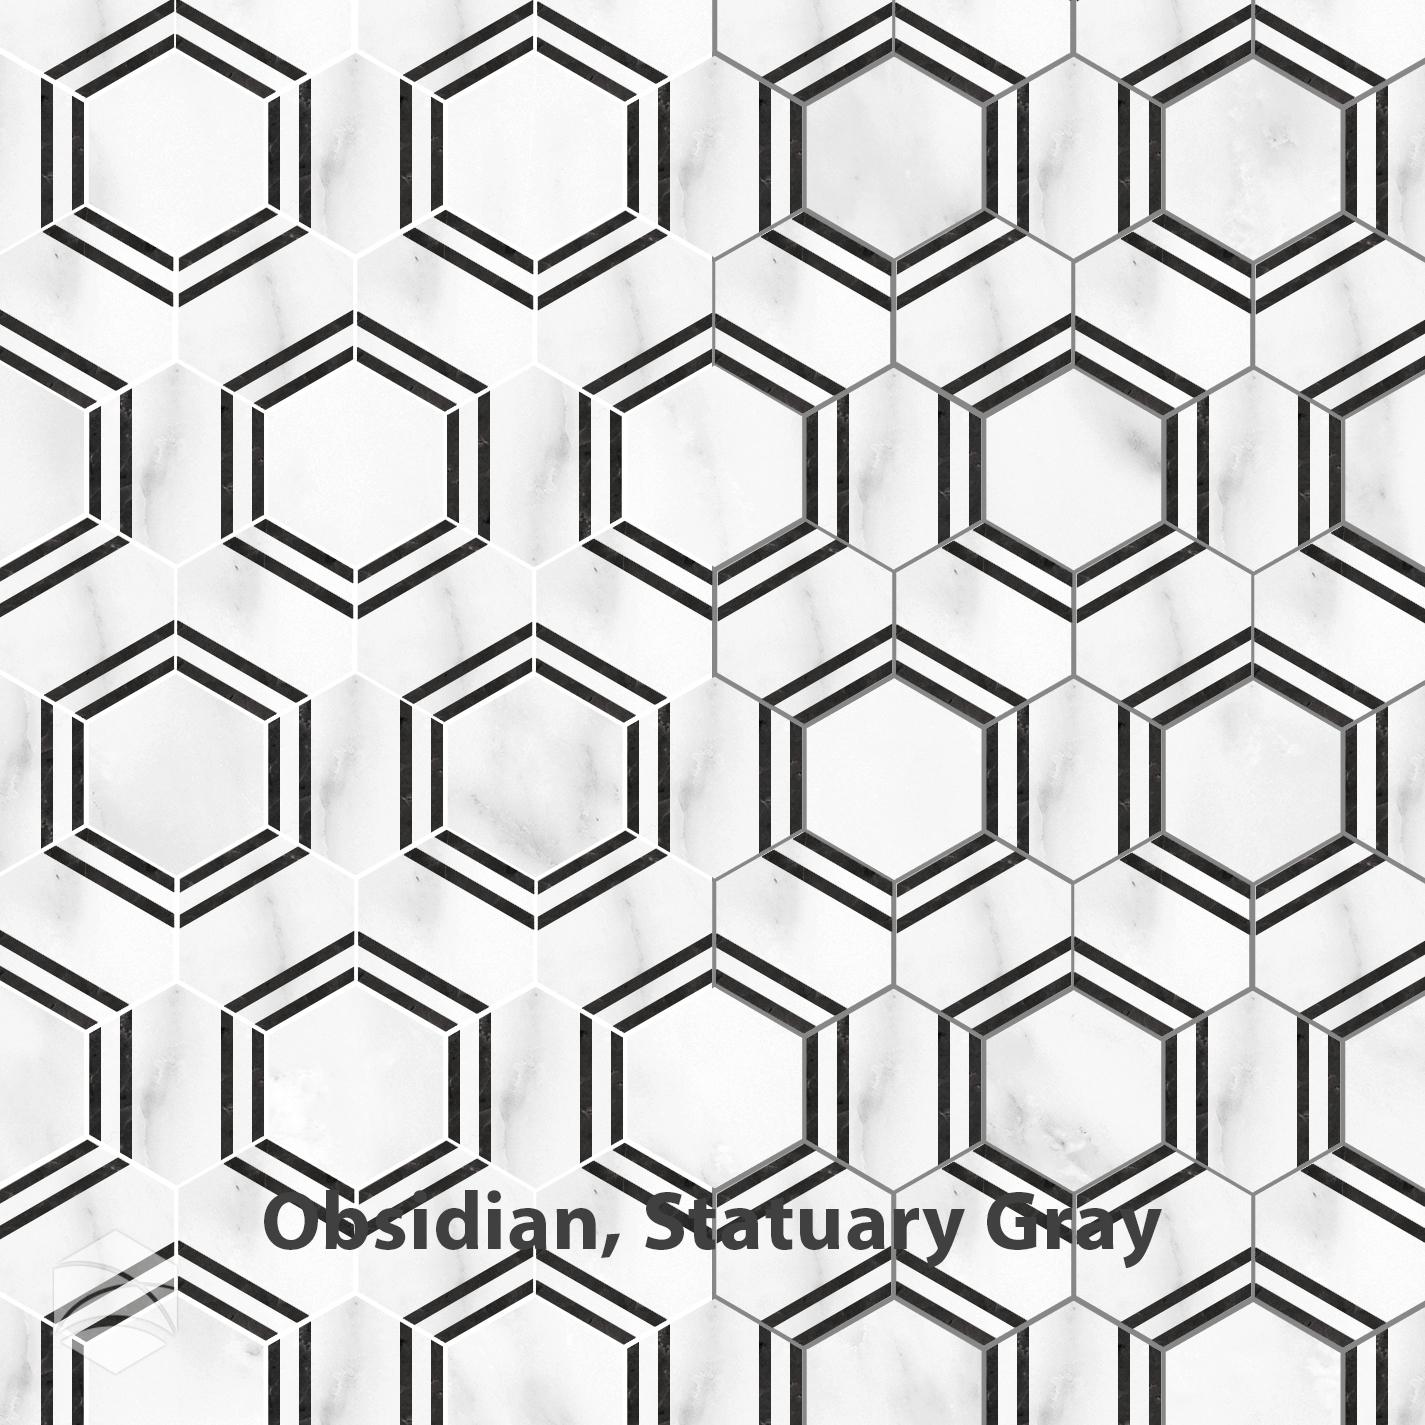 Obsidian, Stat Gray_2 in Hex_V2_14x14.jpg